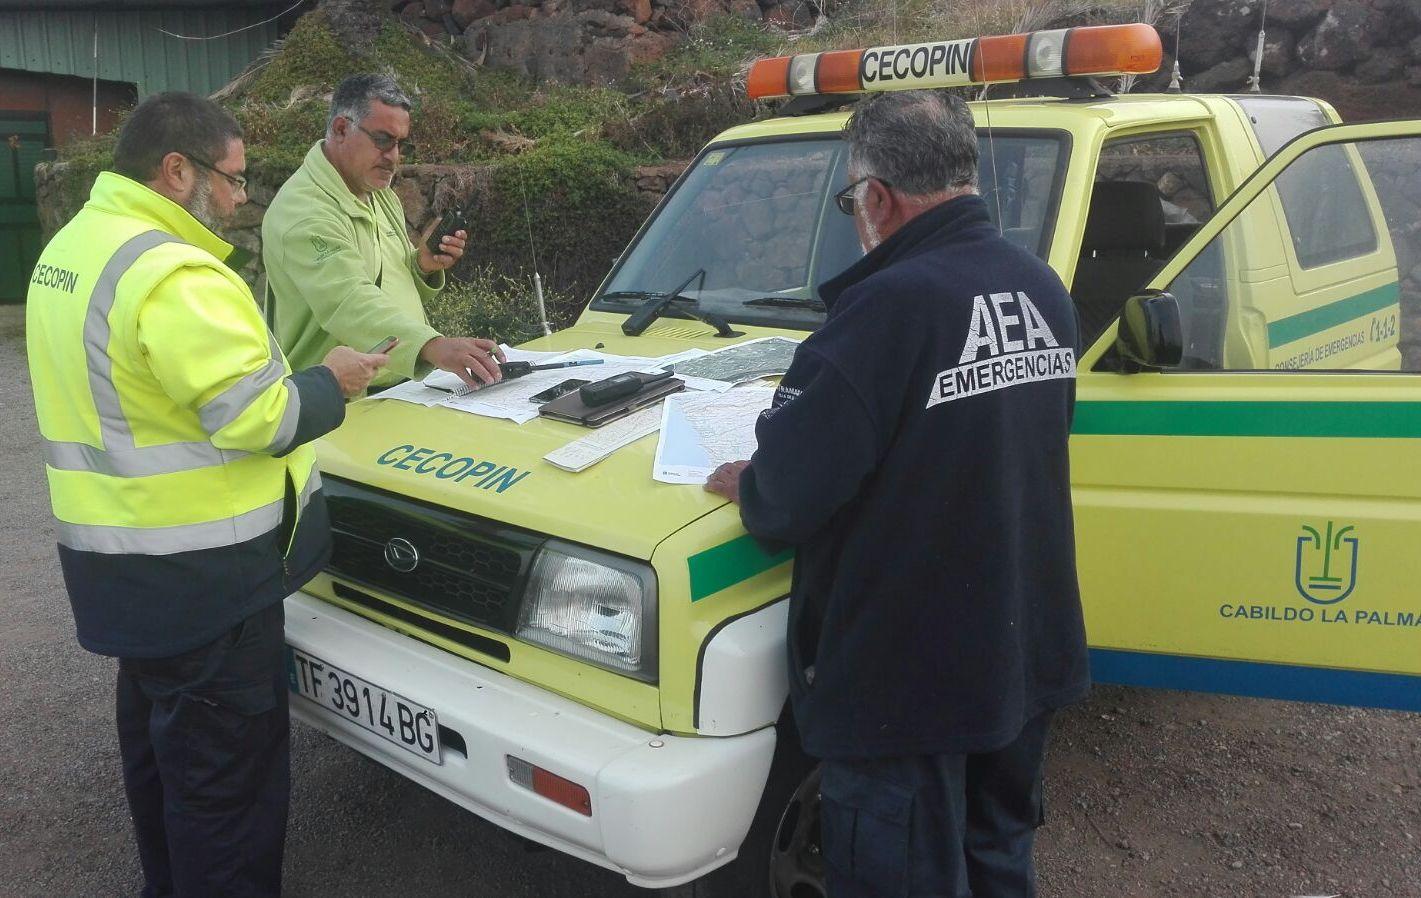 Unas 40 personas buscan al hombre de Tijarafe desaparecido desde ...